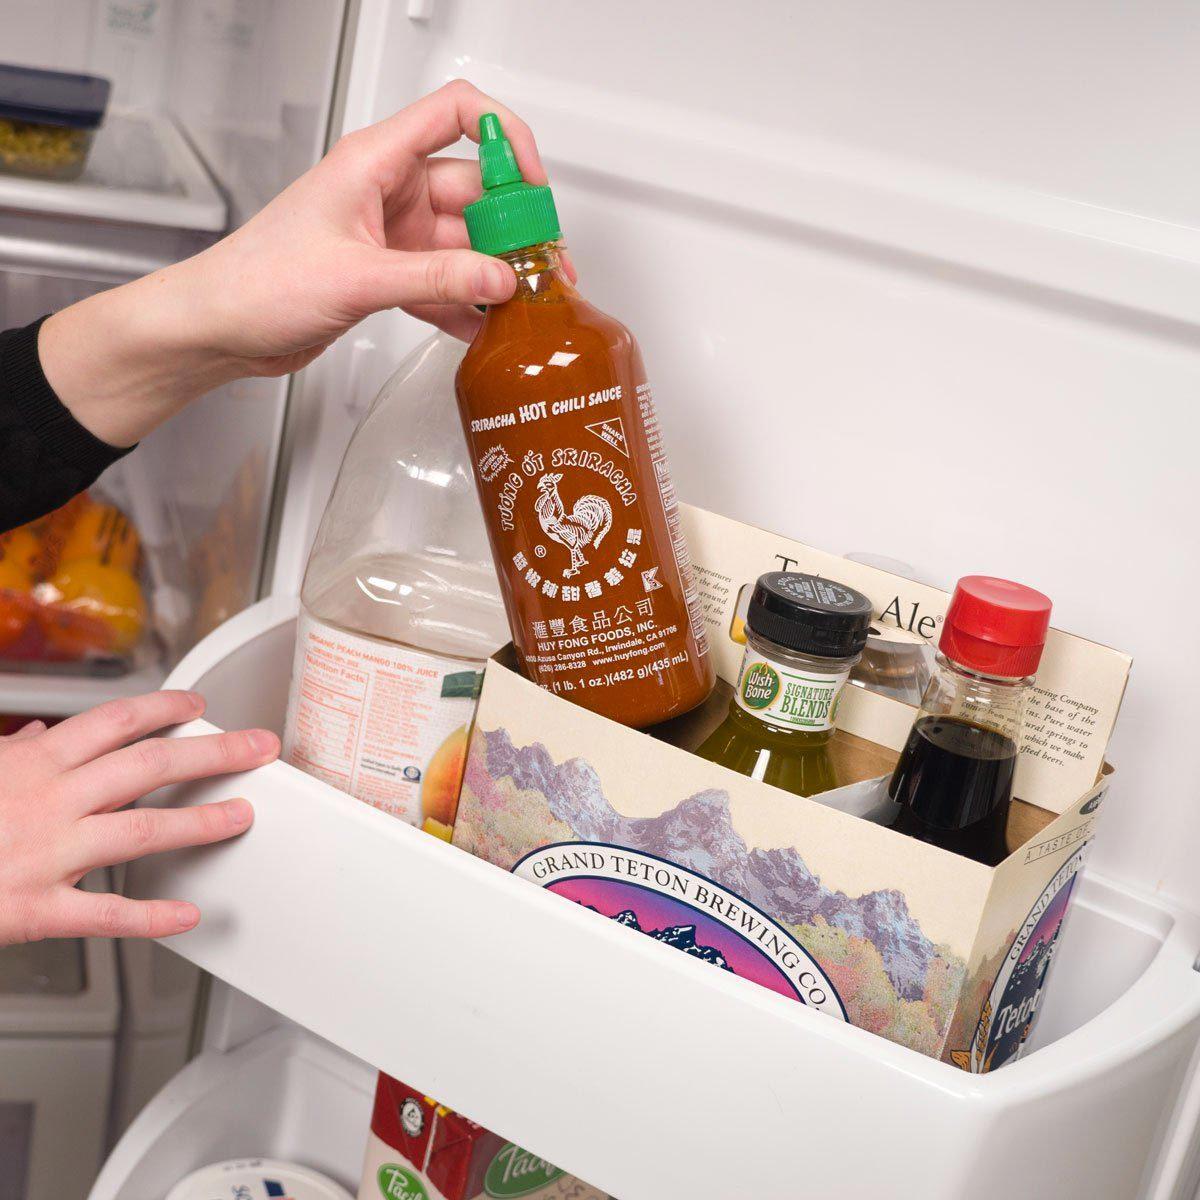 Organiser sa maison : ne jetez pas ce carton porte-bouteilles.